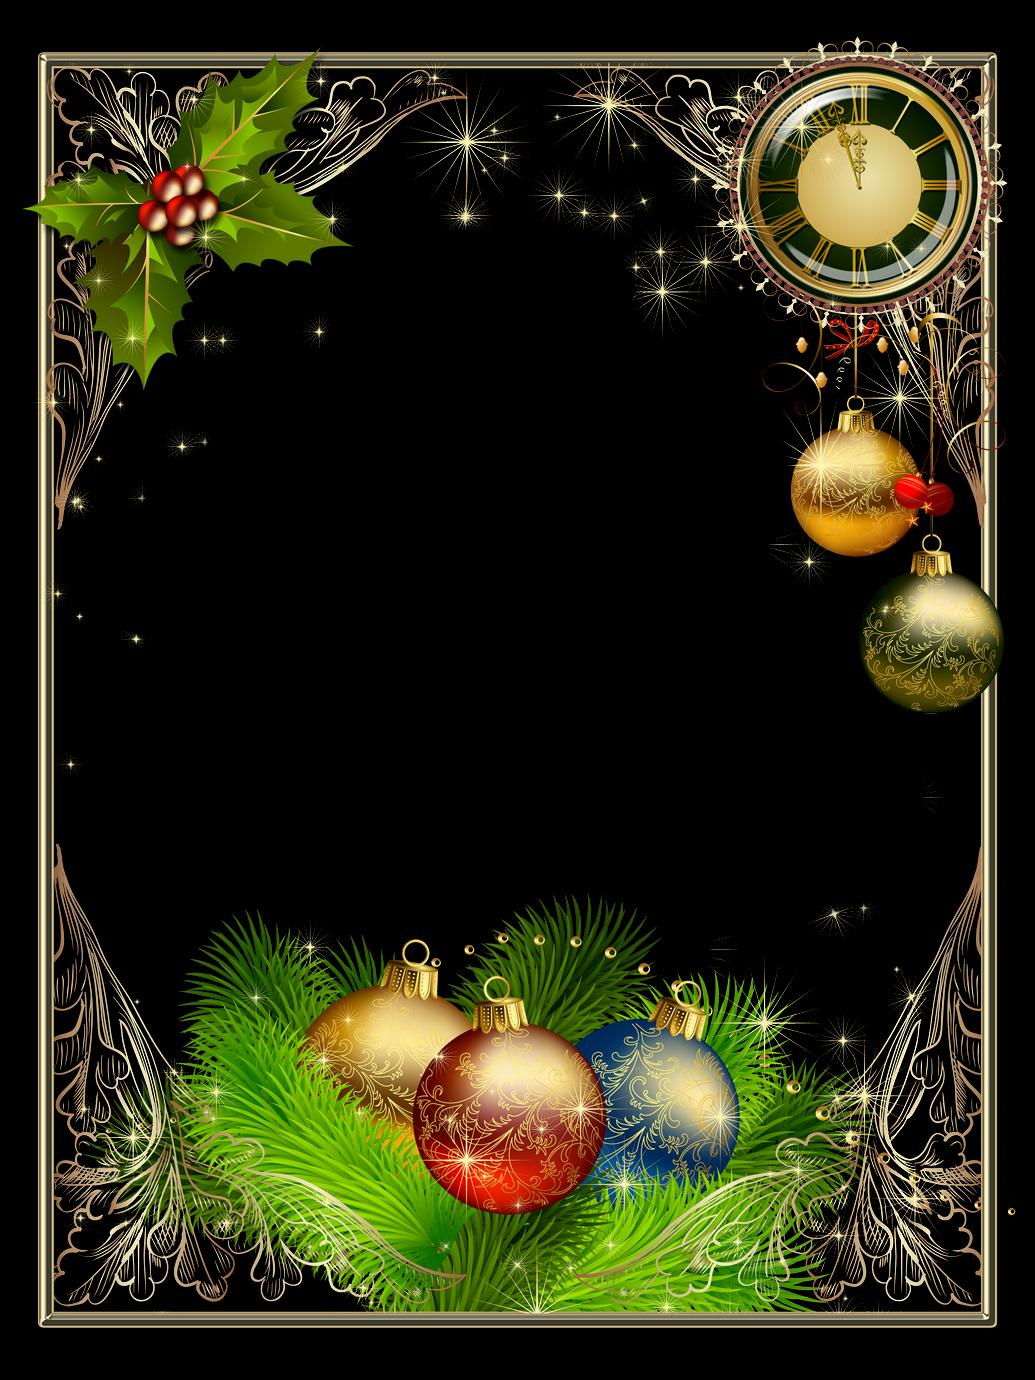 Bordes y marcos de fotos de navidad y a o nuevo marcos gratis para fotograf as - Adornos para fotos gratis ...